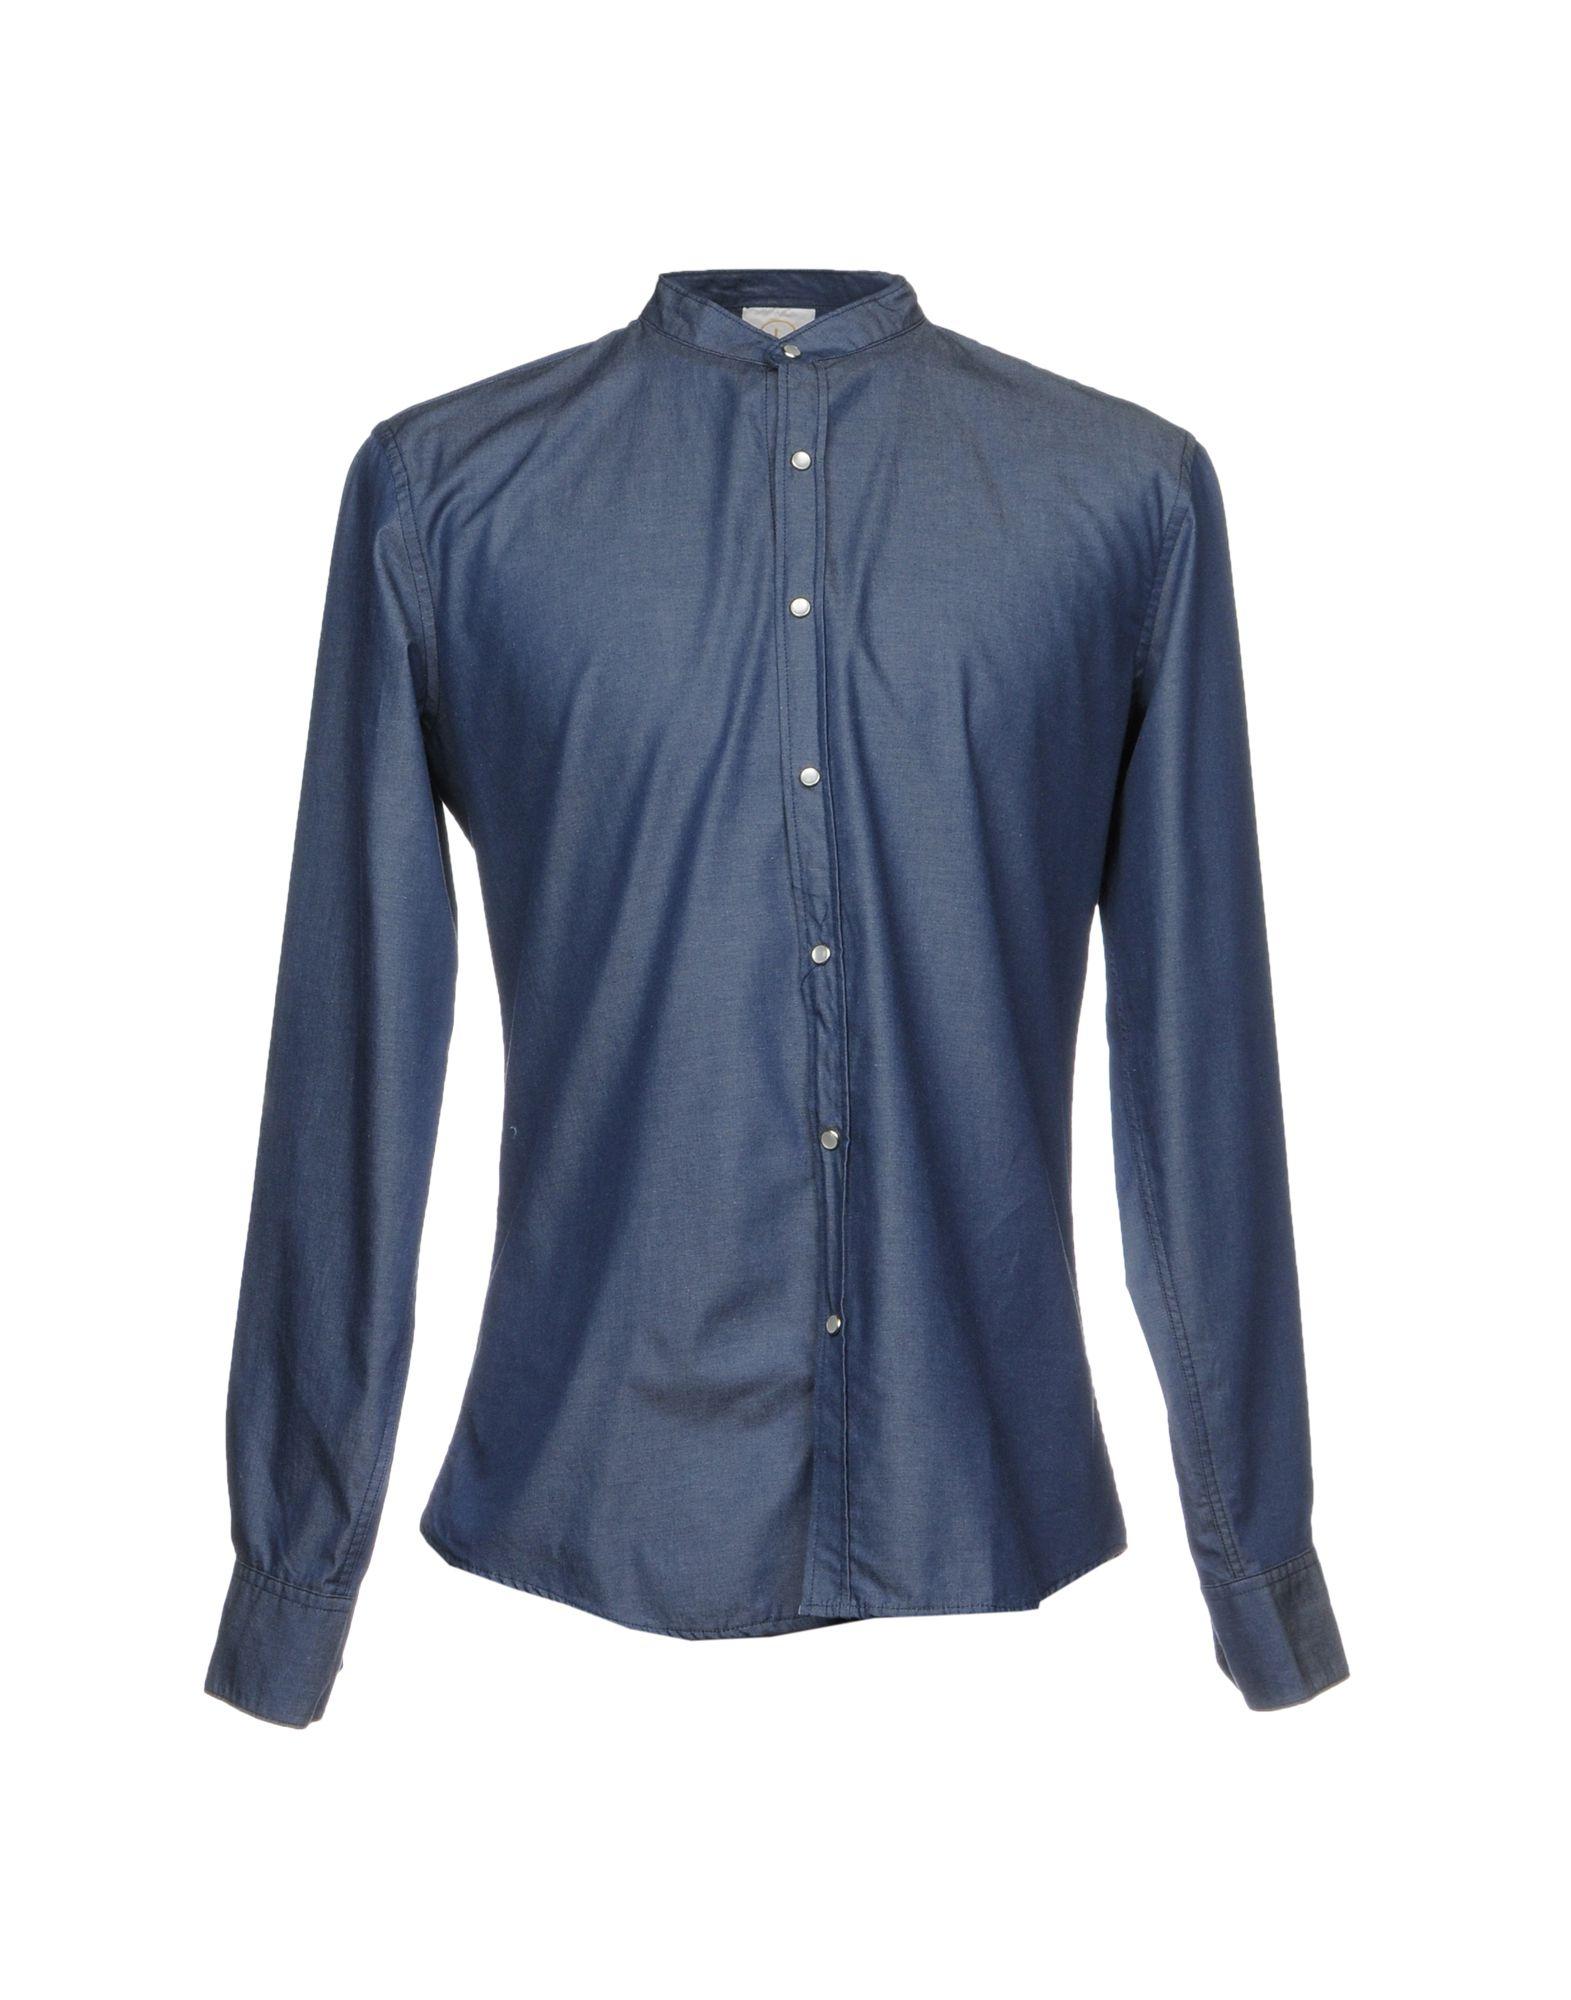 26.7 TWENTYSIXSEVEN Джинсовая рубашка 26 7 twentysixseven джинсовая верхняя одежда